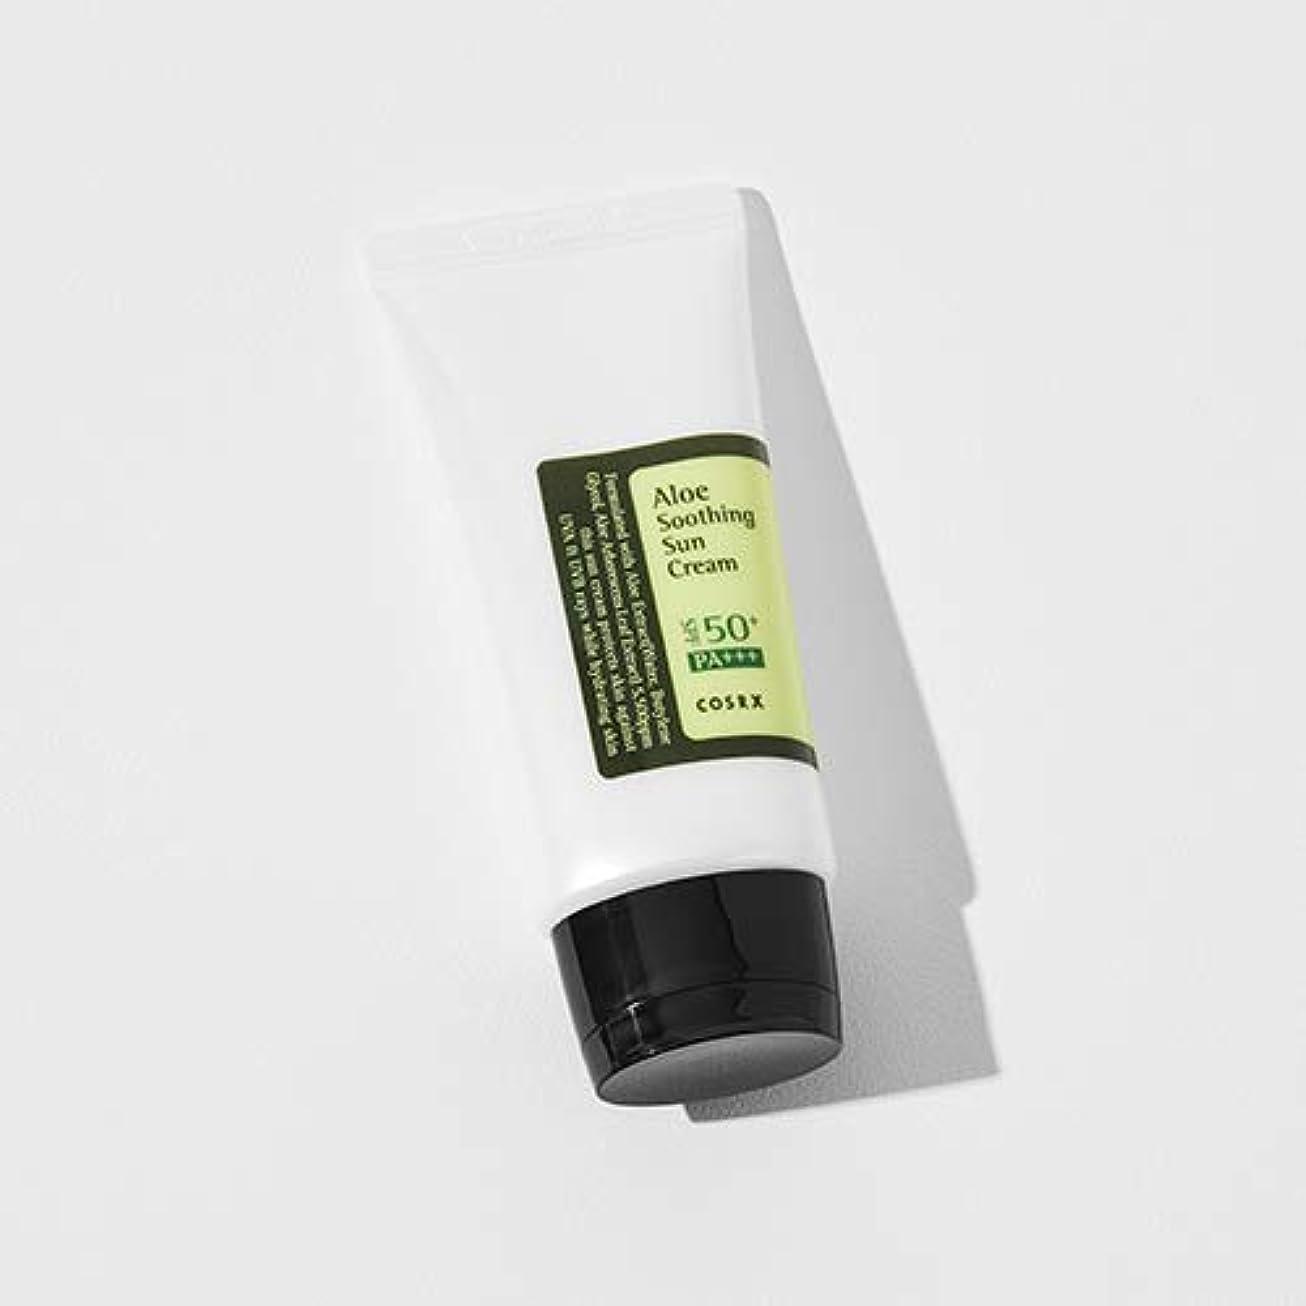 勇気神学校協同[COSRX] Aloe Soothing Sun Cream 50ml / [COSRX] アロエ スーディング サンクリーム 50ml [並行輸入品]